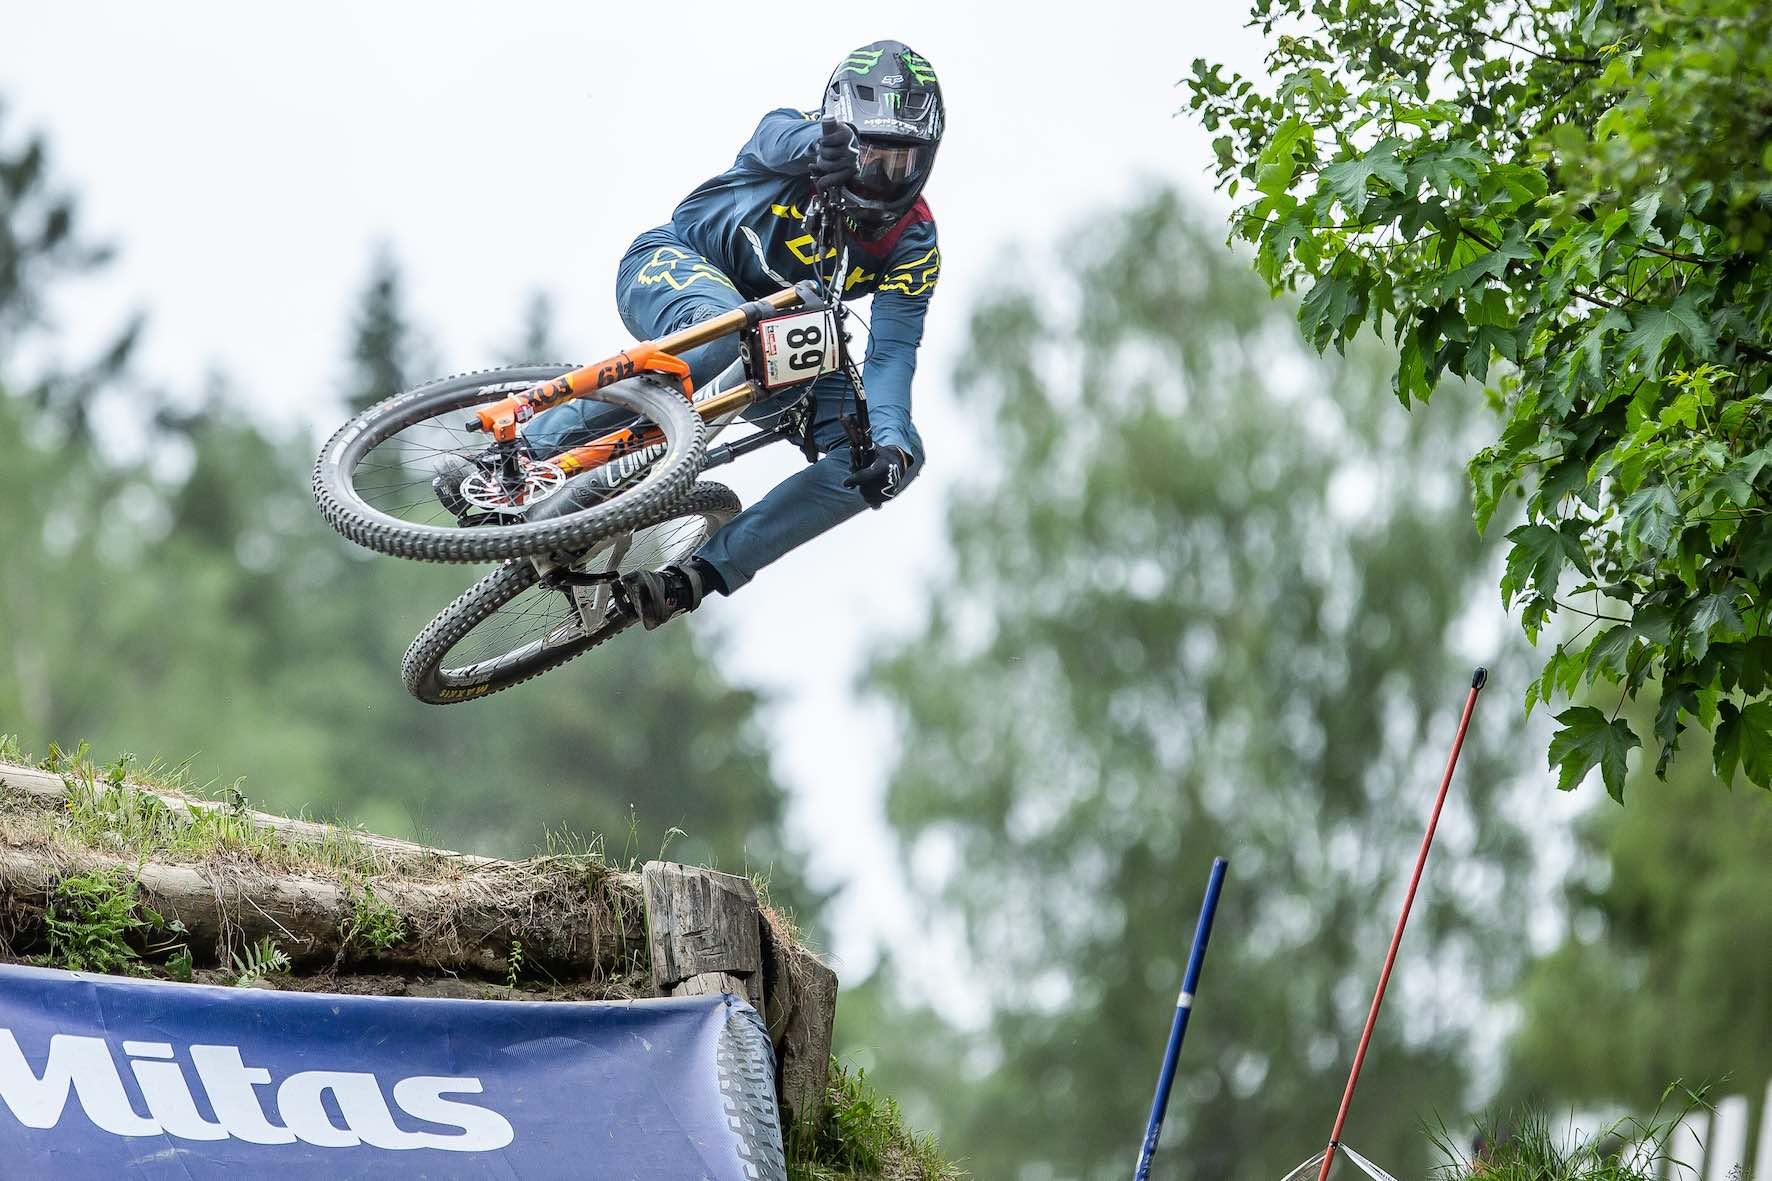 Thep Erlangsen shredding his Commencal 29 Supreme Downhill MTB bike